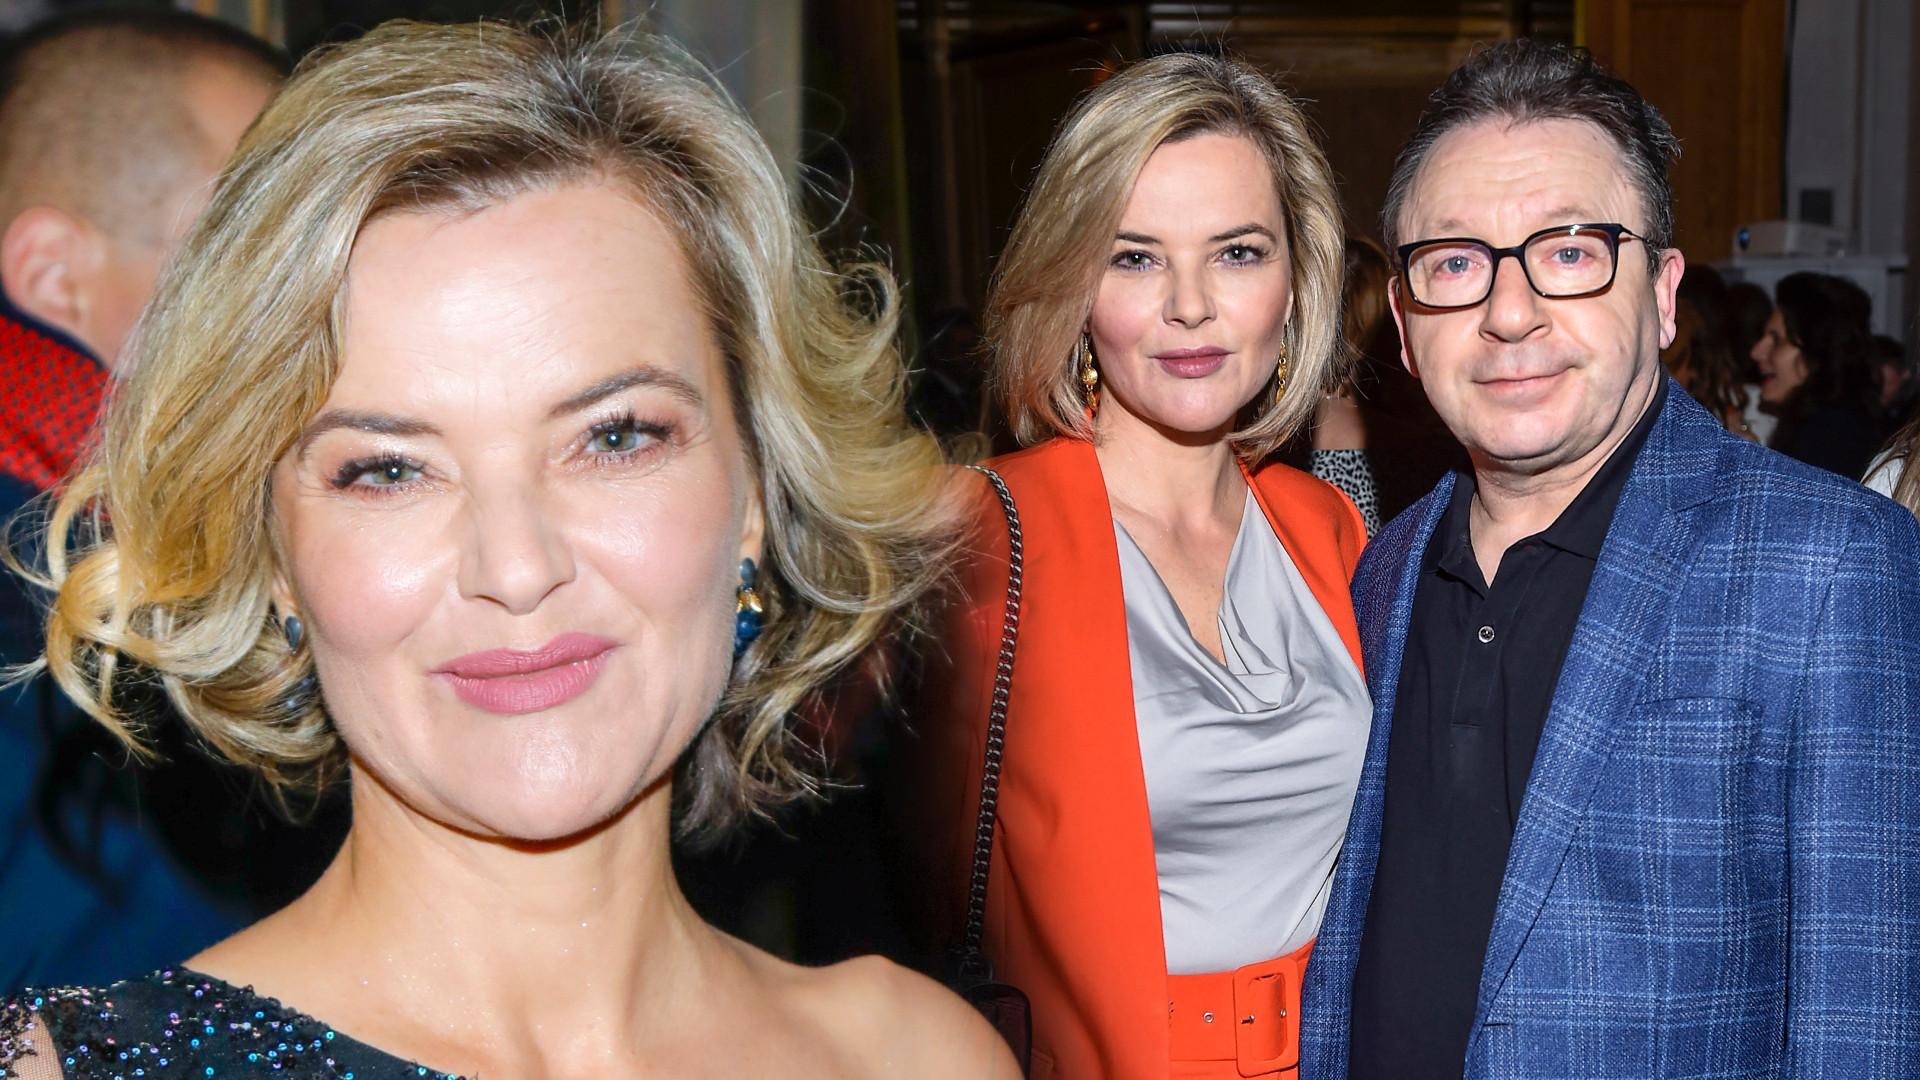 Monika Zamachowska pochwaliła się pięknym salonem. Zareagowała na komentarz dotyczący rozstania ze Zbyszkiem